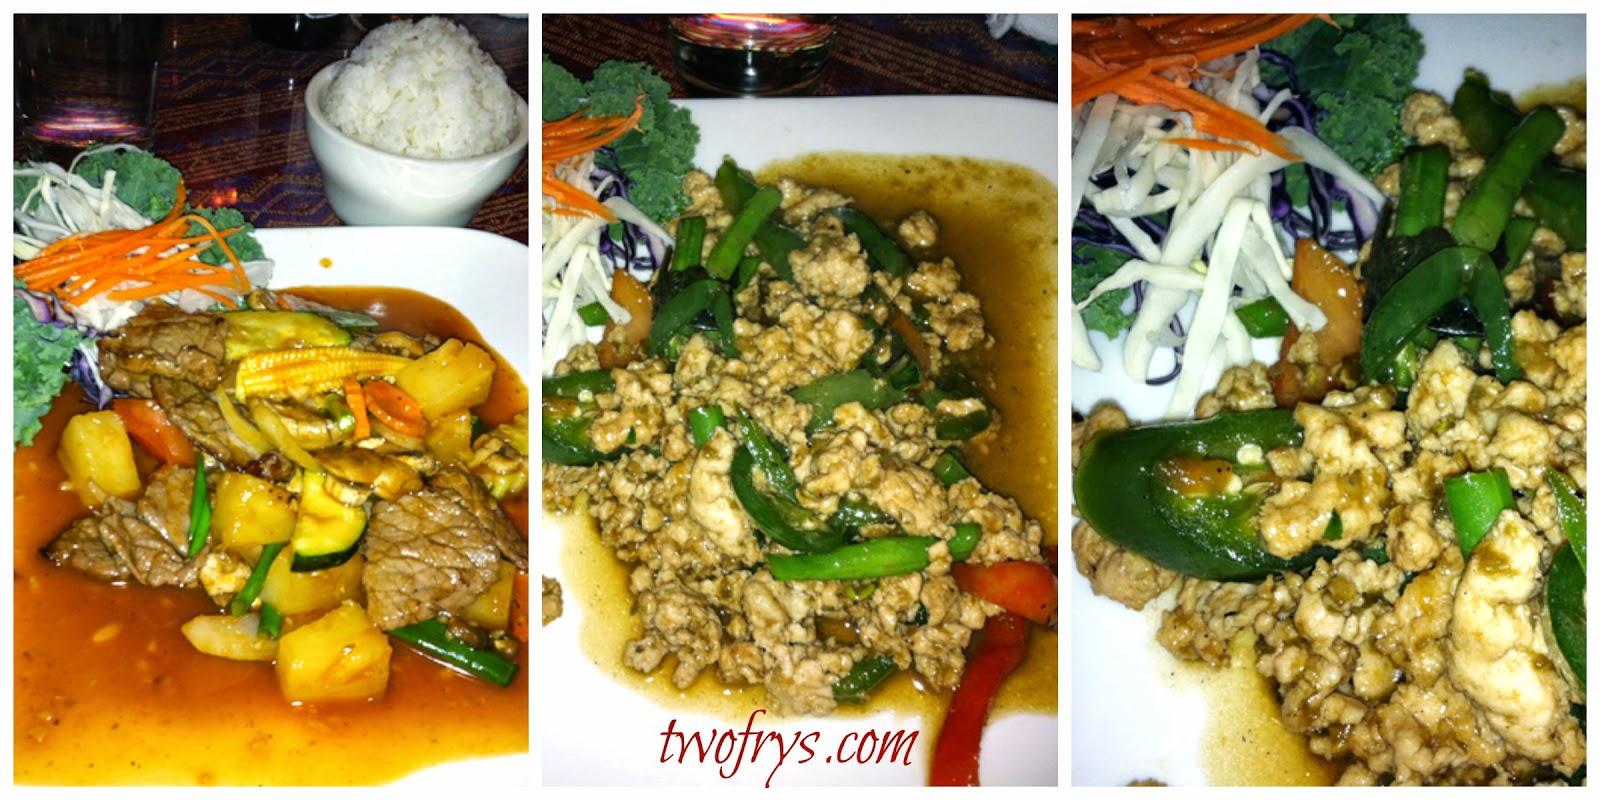 Thai food allen 28 images two frys siam square thai for At siam thai cuisine orlando